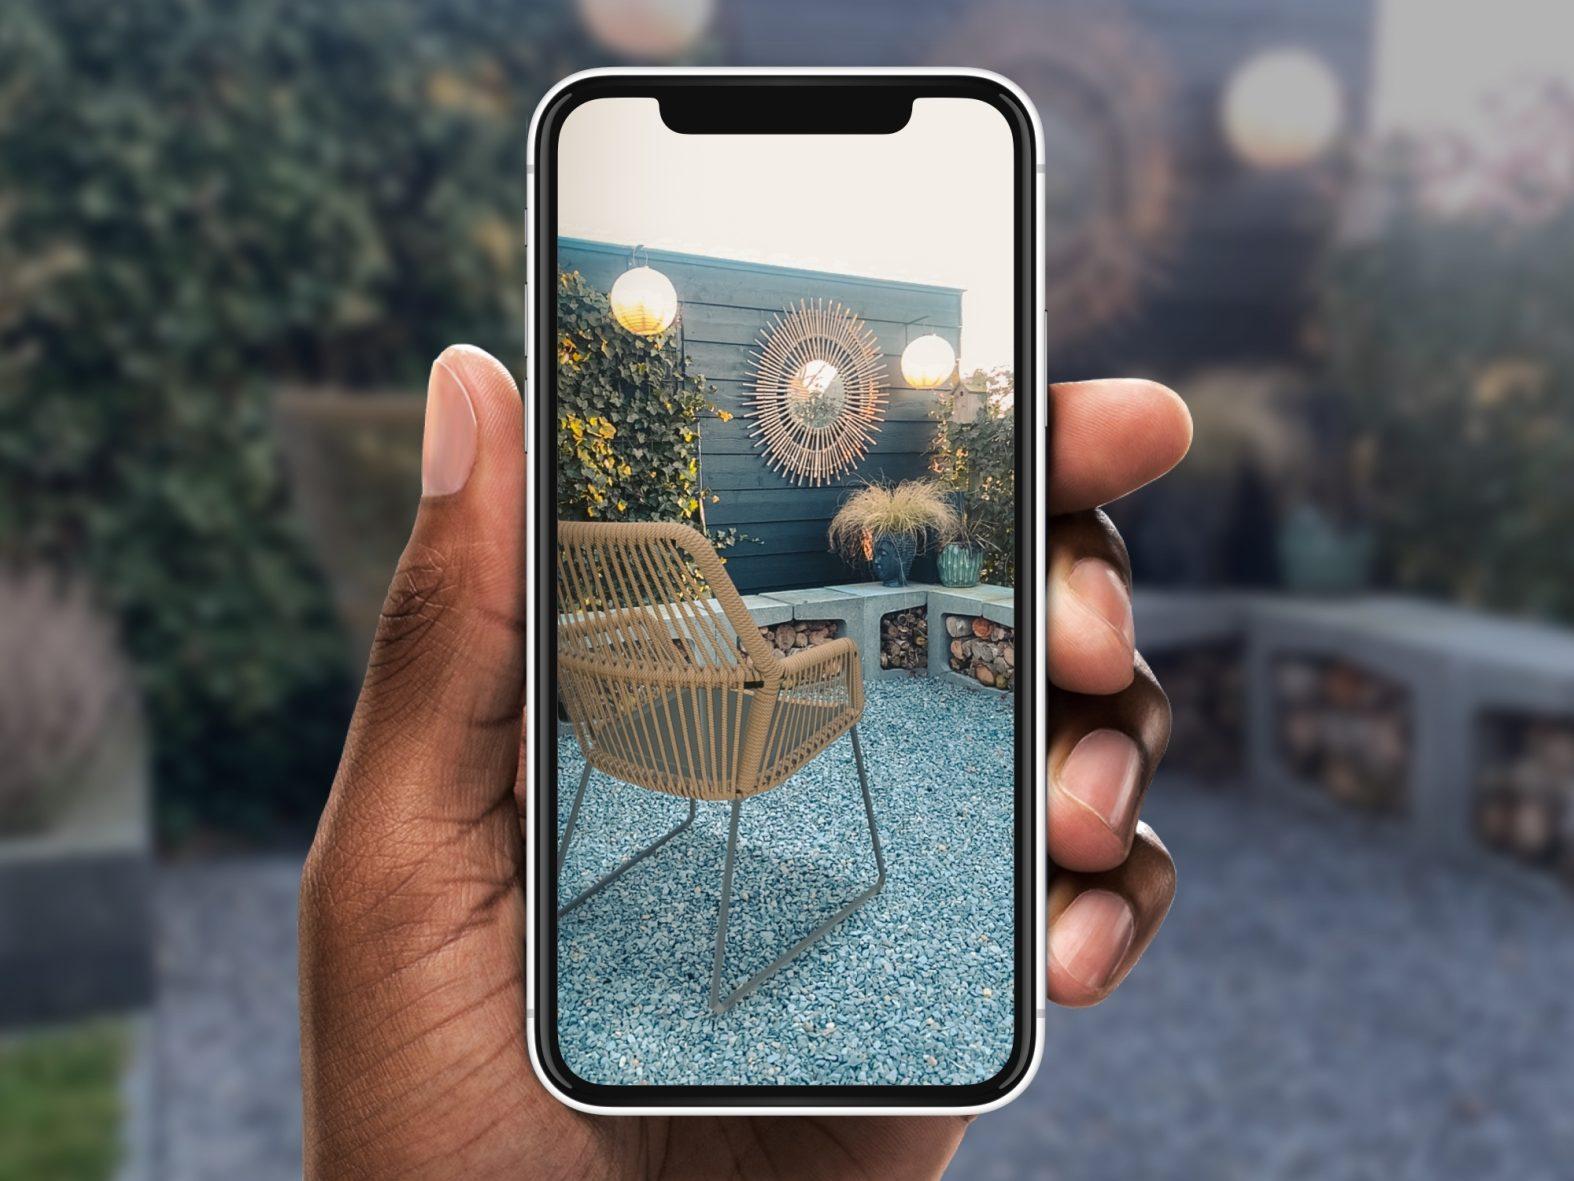 Meubels in je tuin plaatsen met Augmented Reality